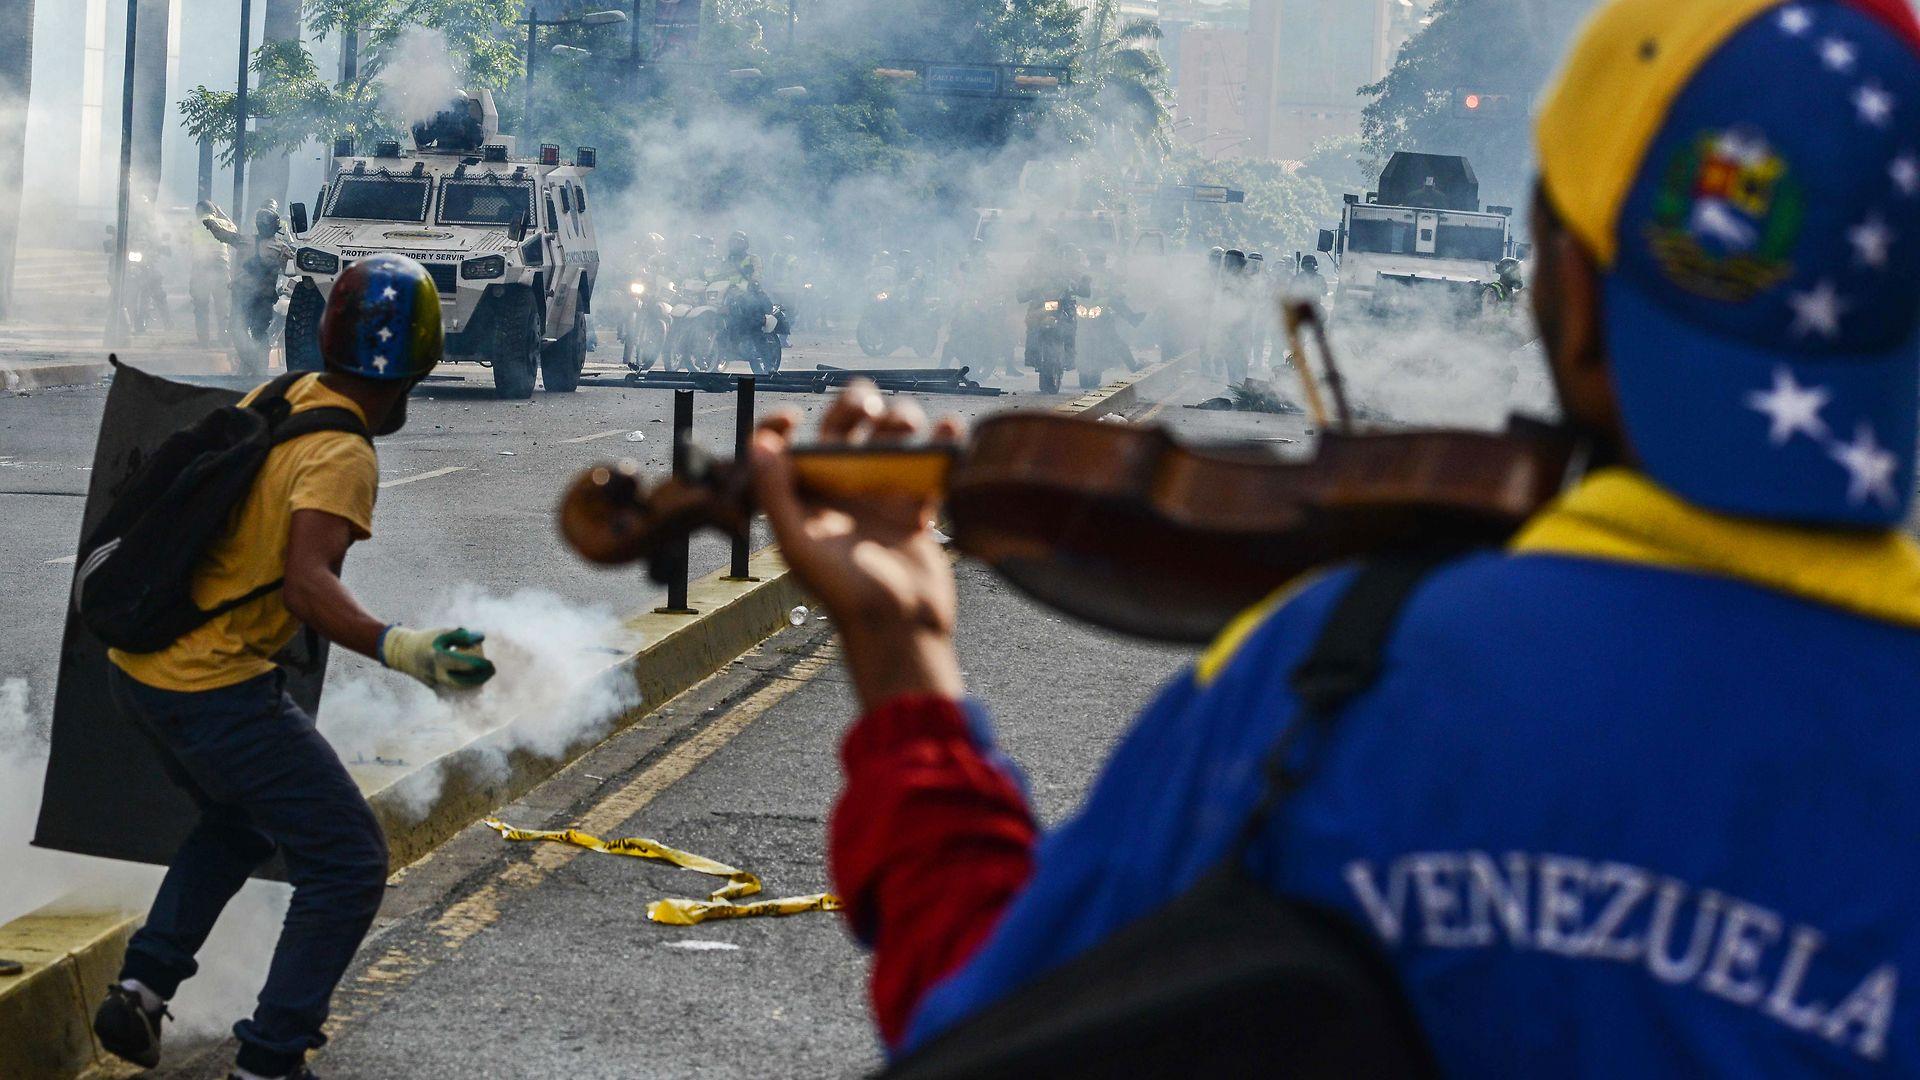 Seniorforsker Annette Idler: Krisen i Venezuela destabiliserer nabolandene og har konsekvenser for hele kloden